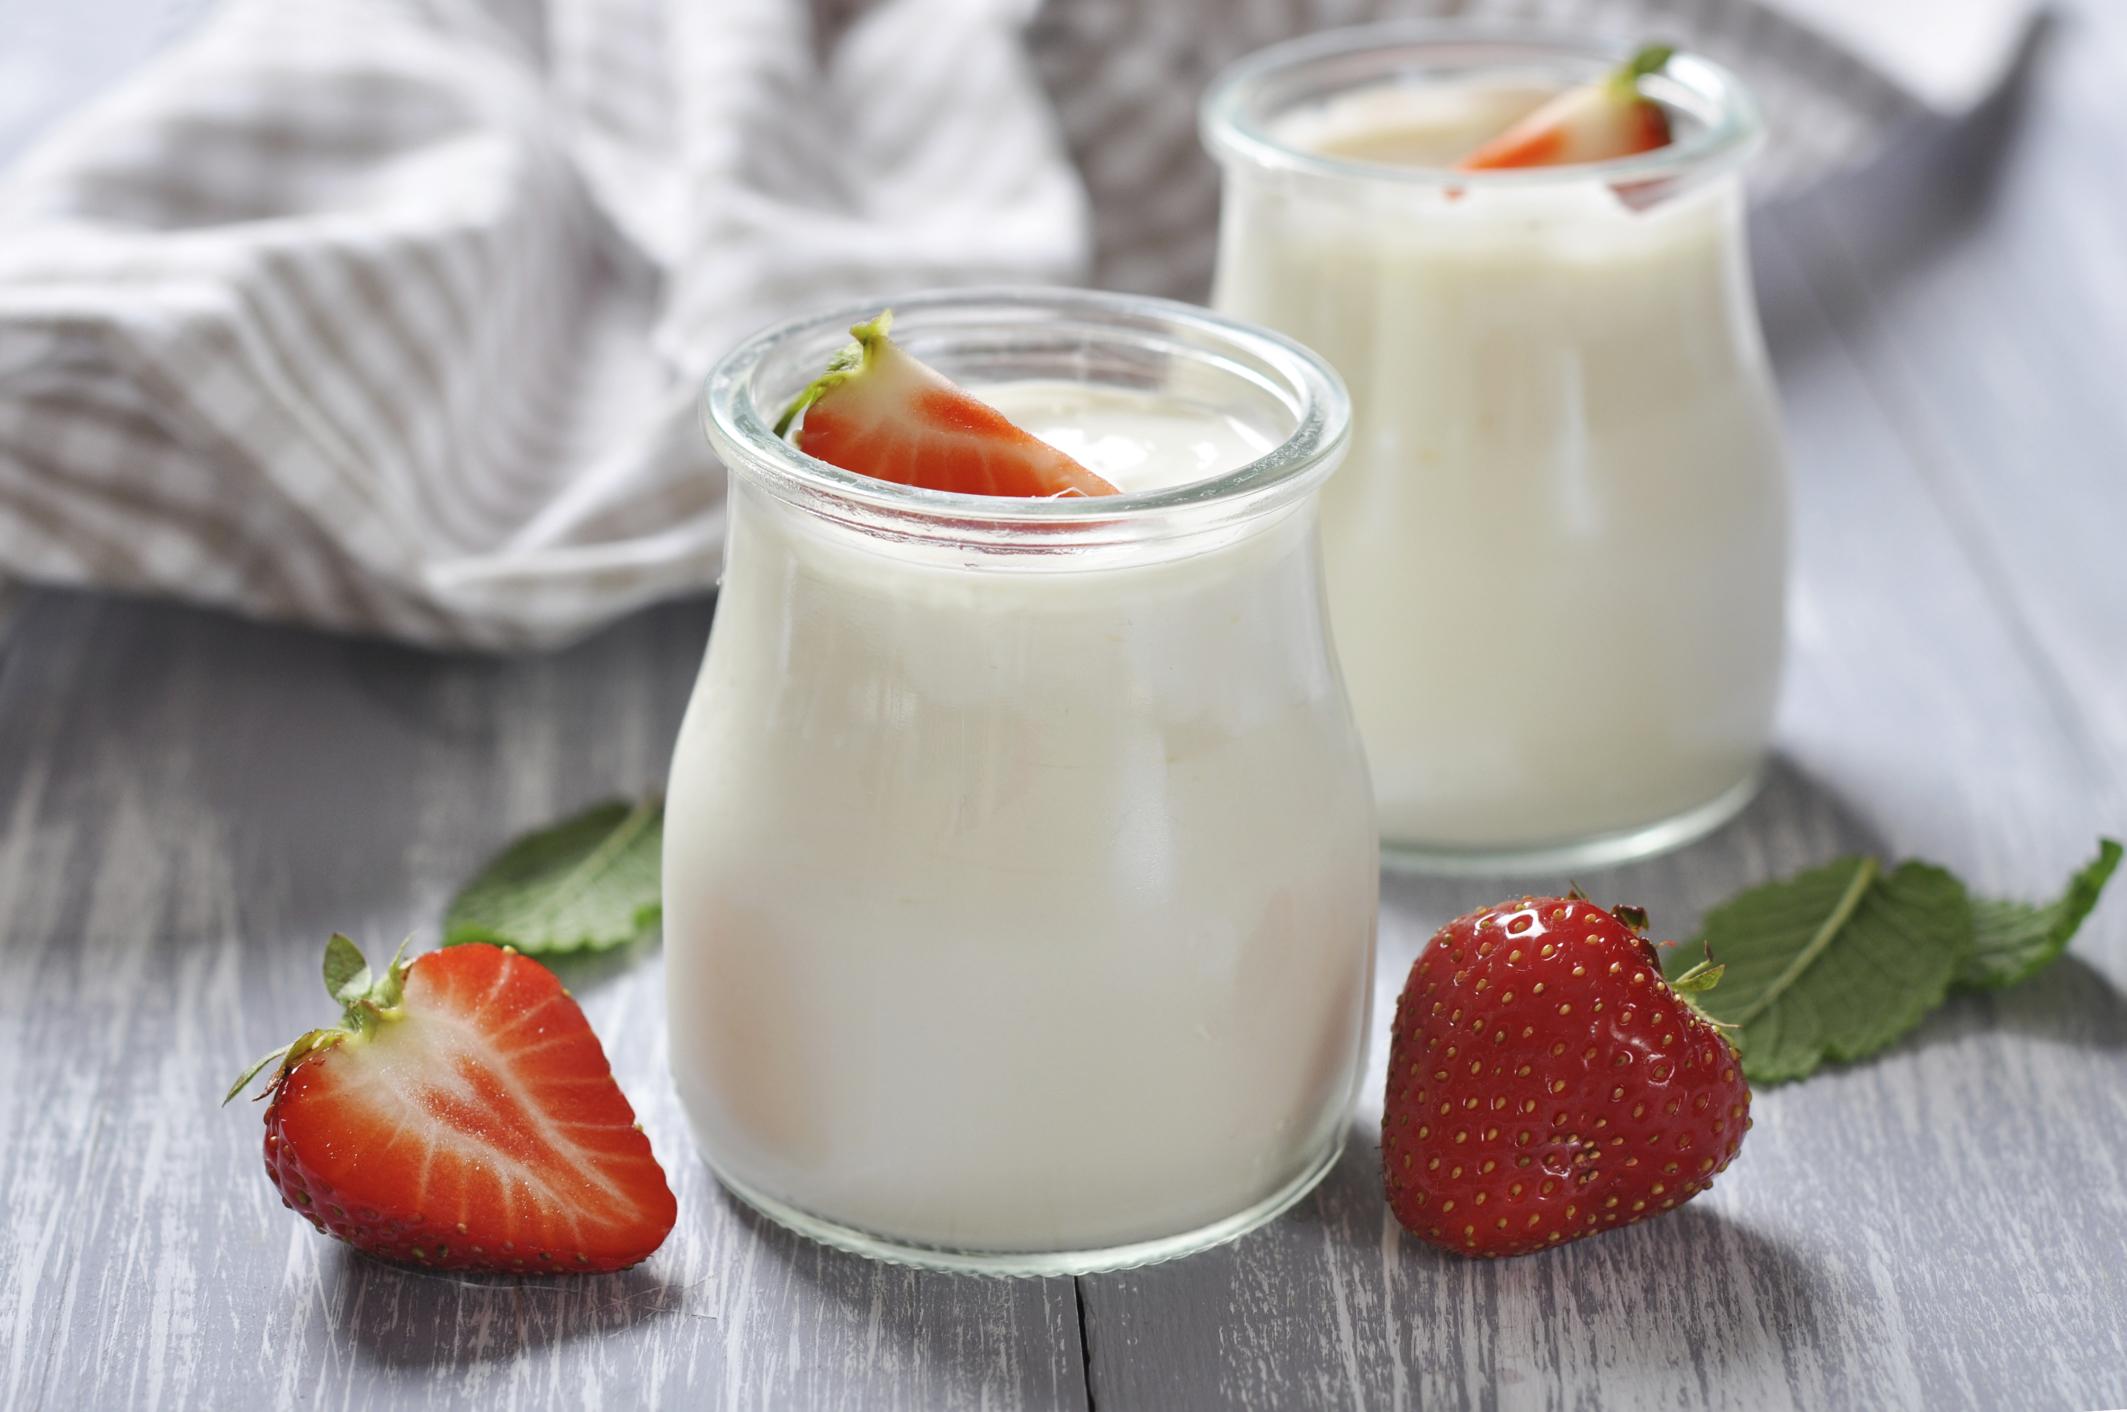 Các món ăn giảm cân tốt nhất - sữa chua